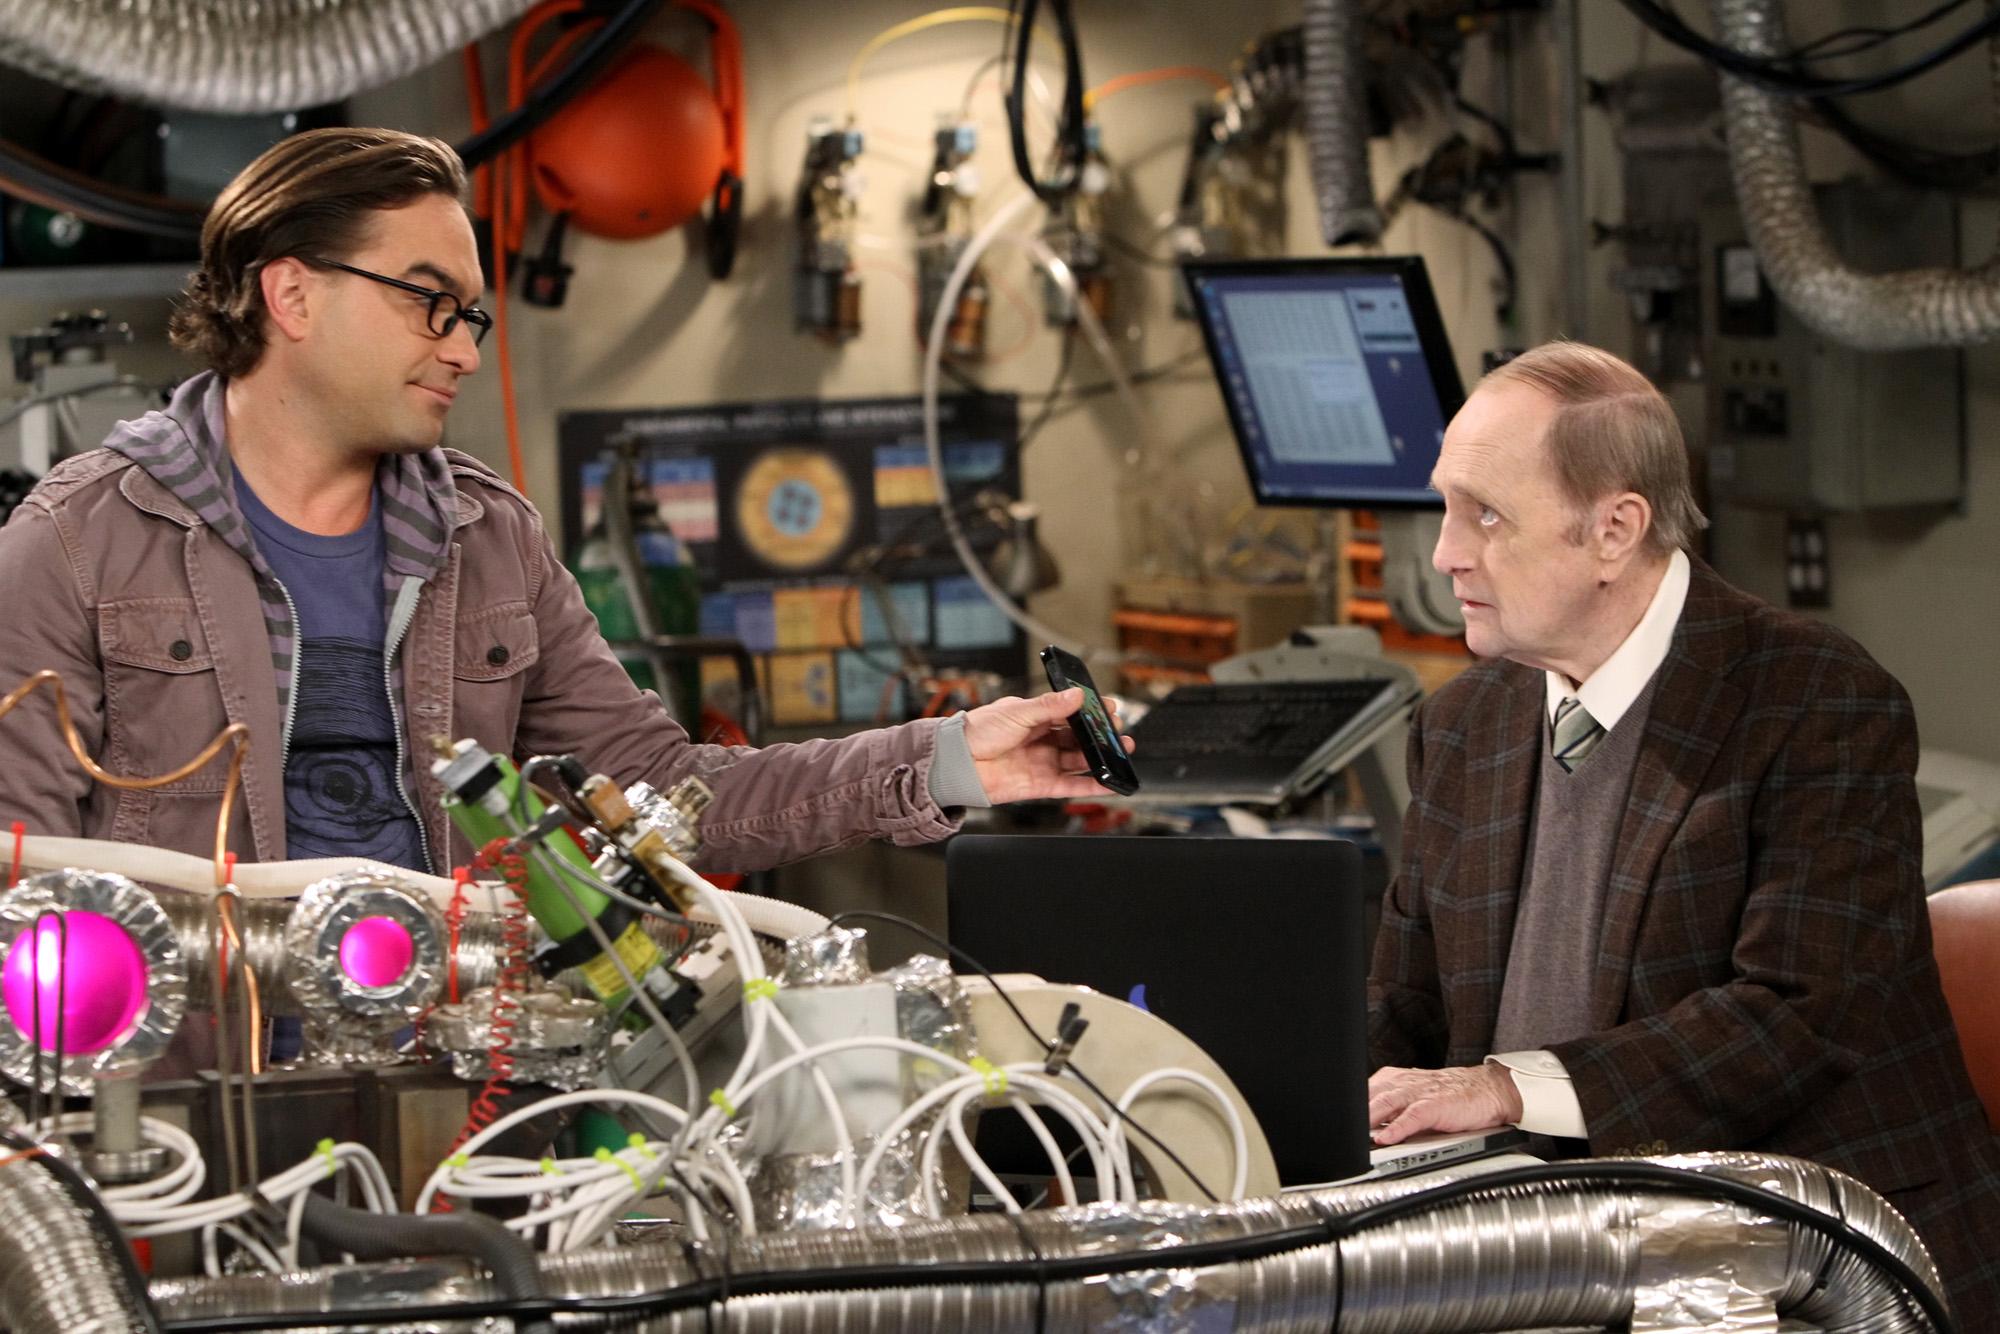 Leoanrd & Professor Proton